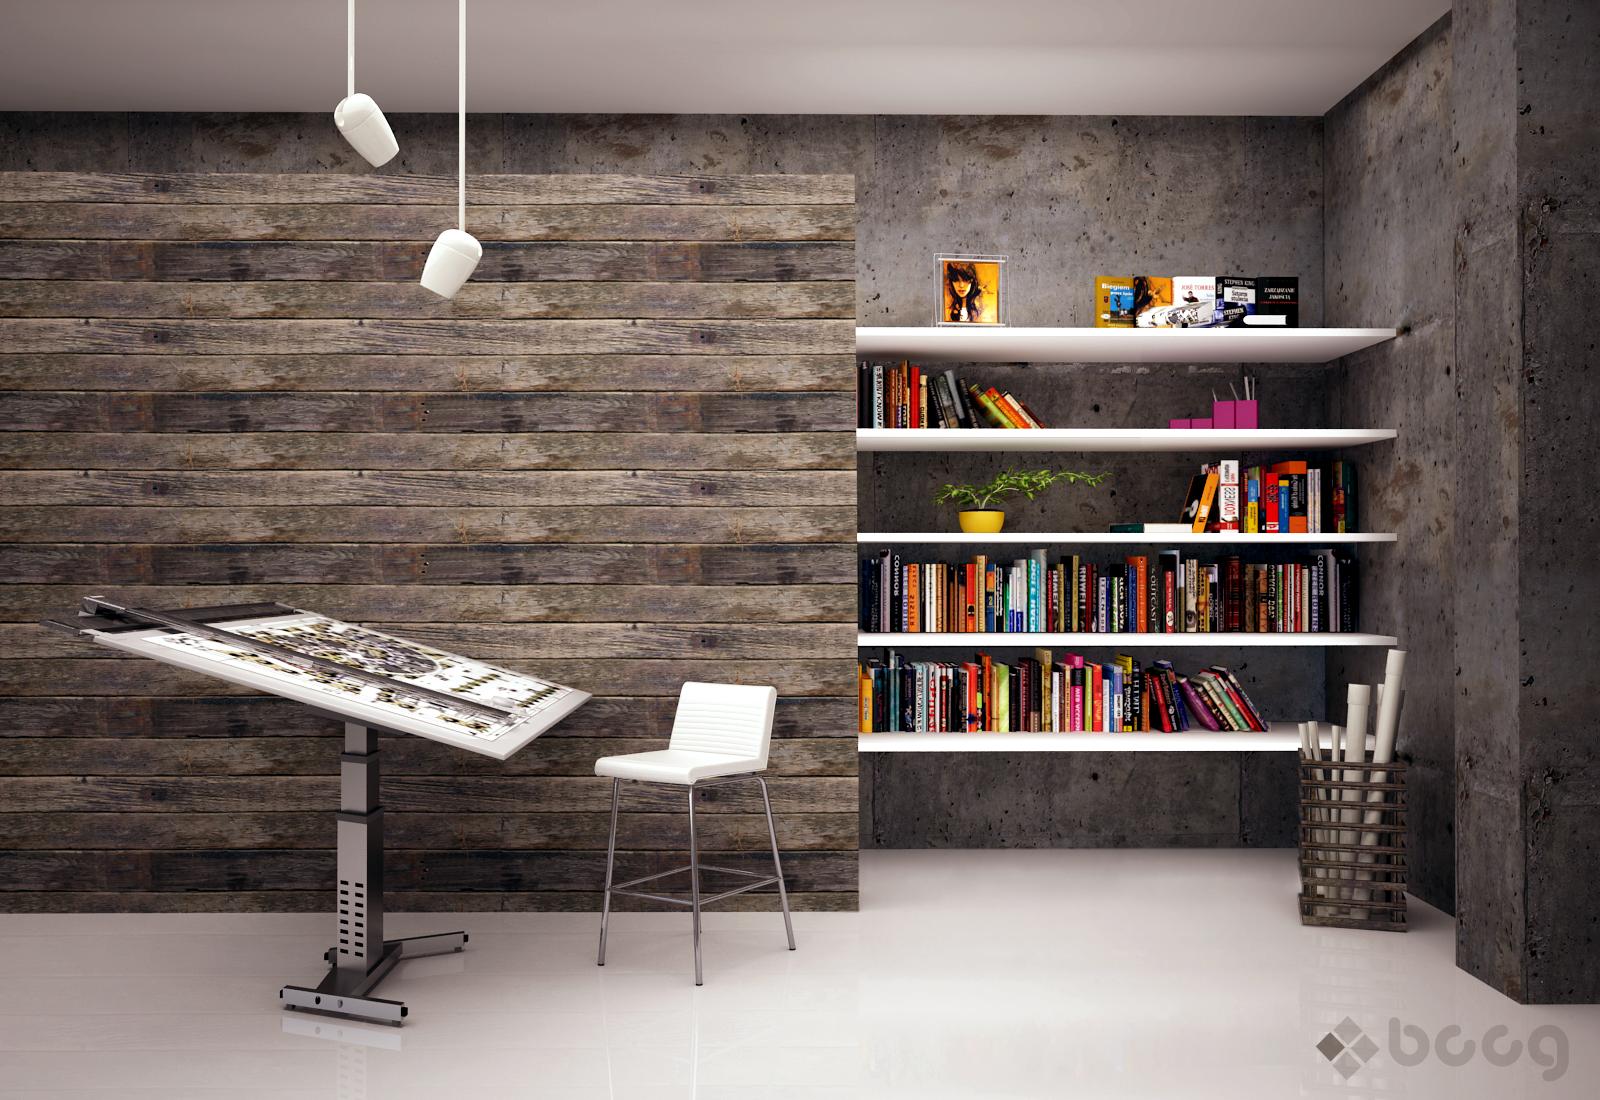 Architecture Studio architect's studiosaescavipica on deviantart